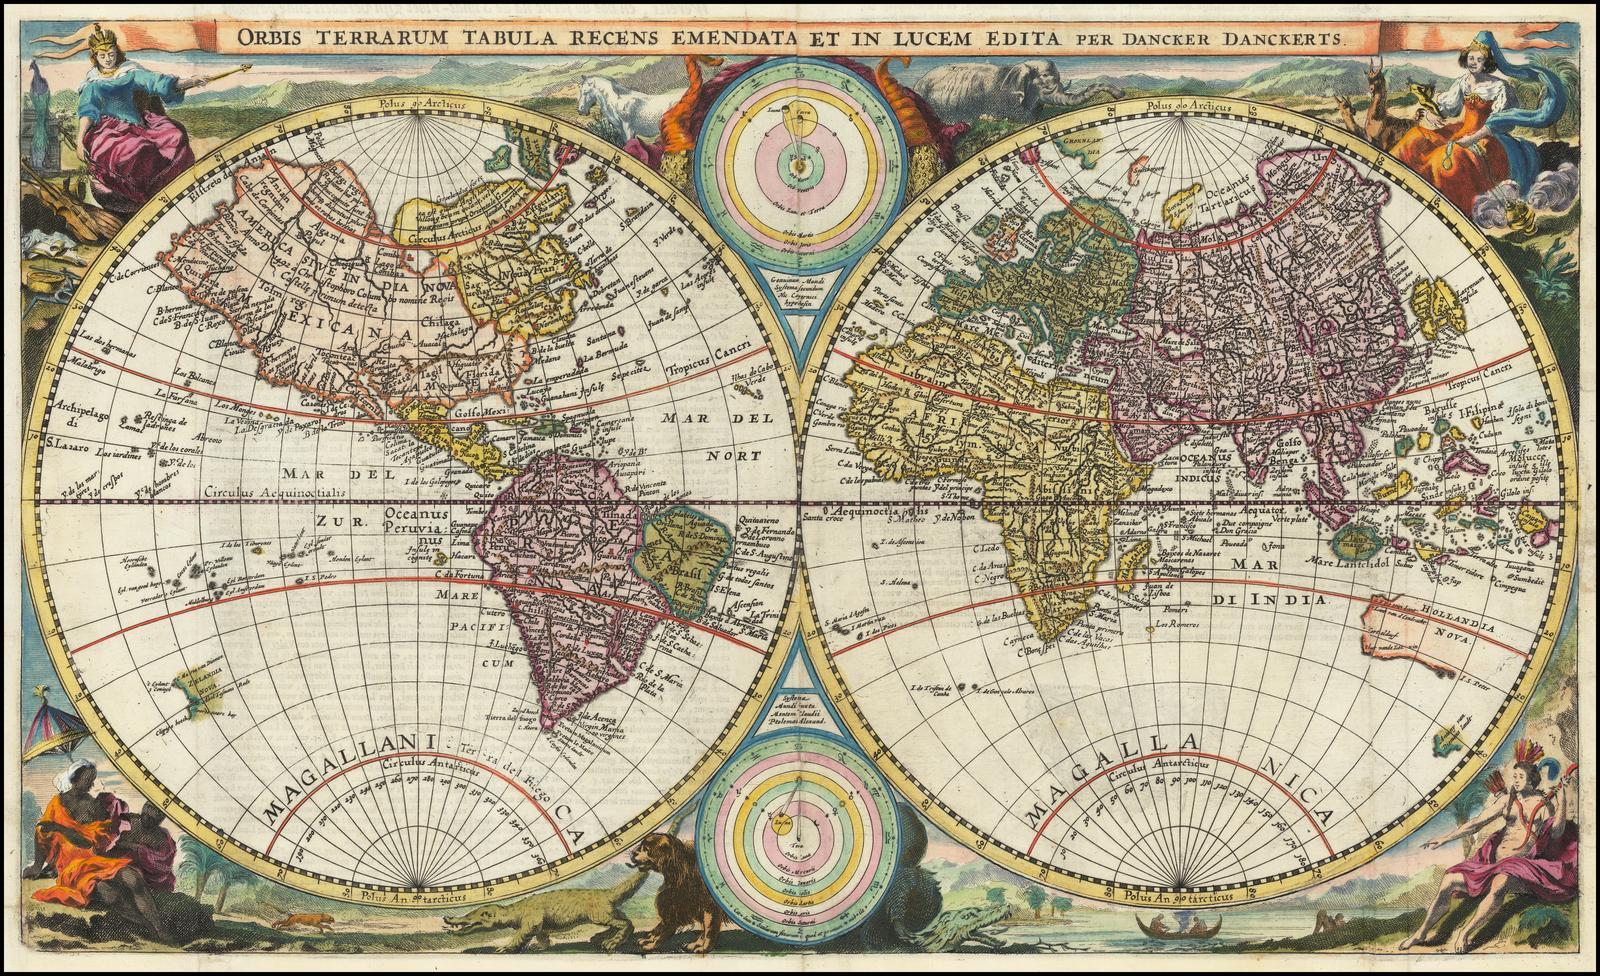 Редкая карта мира на которой изображены оба путешествия Абеля Тасмана в Австралию и Новую Зеландию